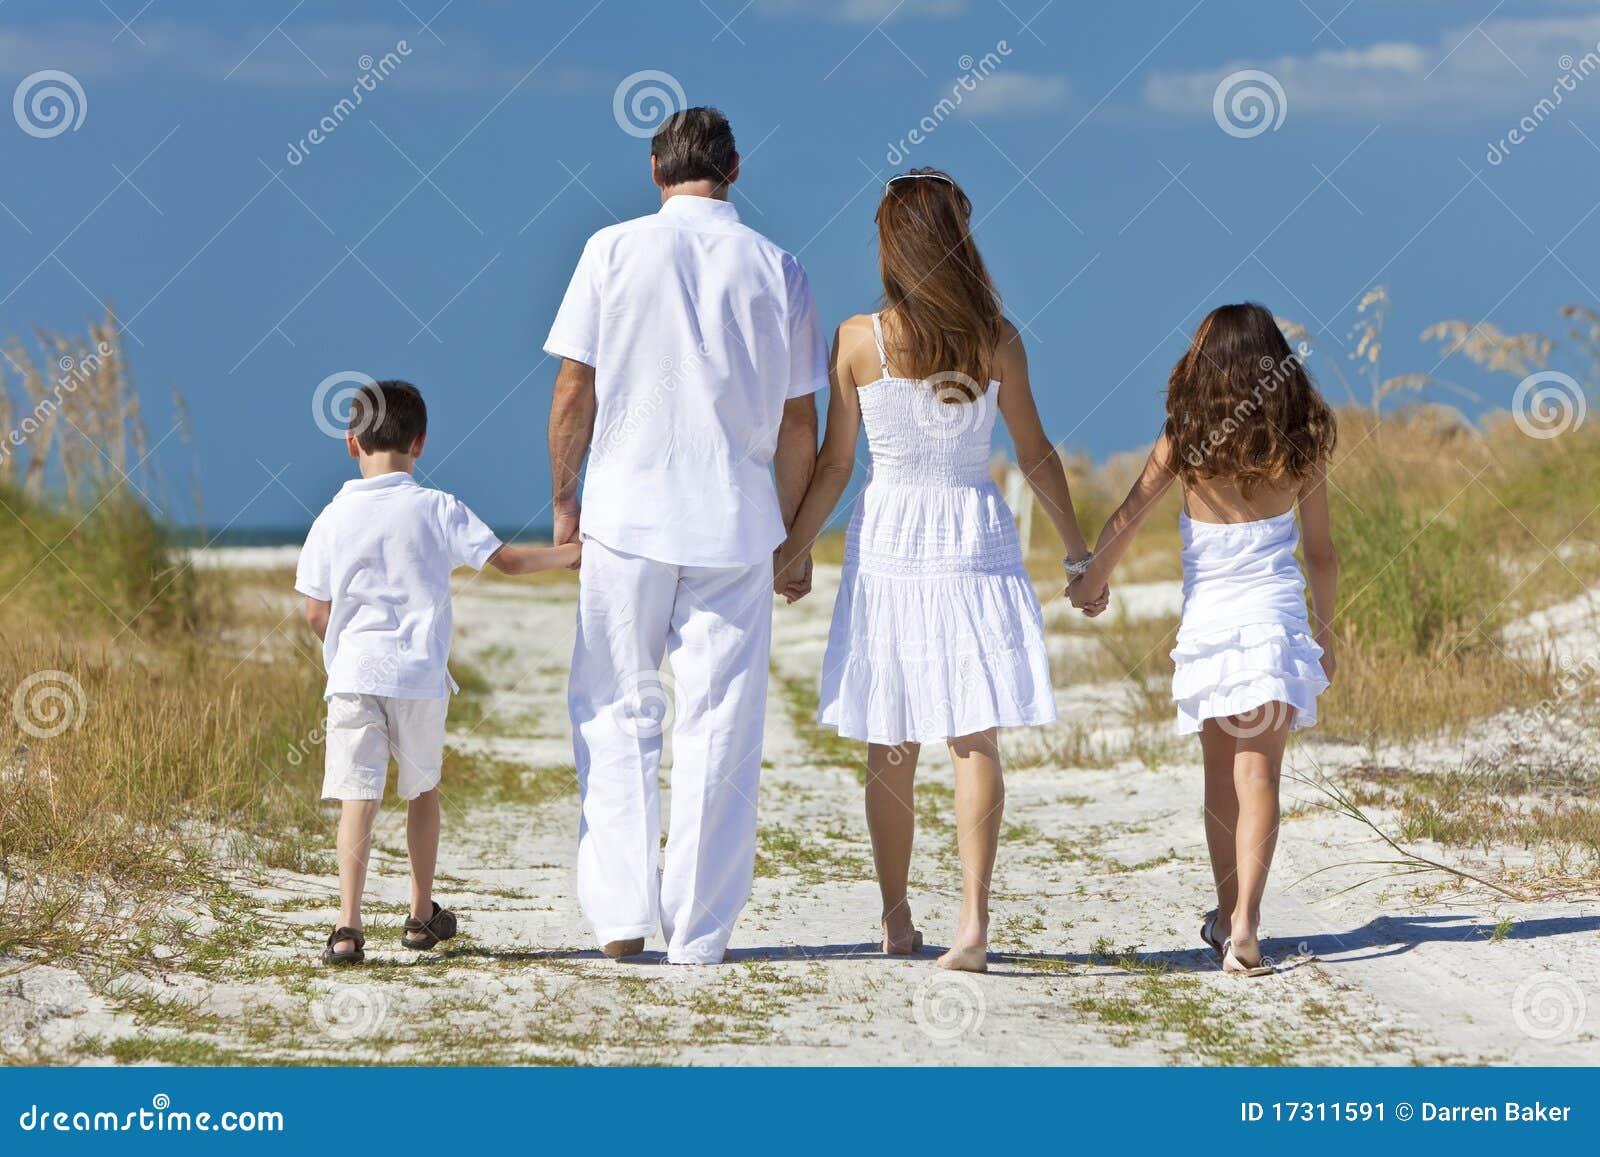 Сын с мамой а папа с дочькой 4 фотография